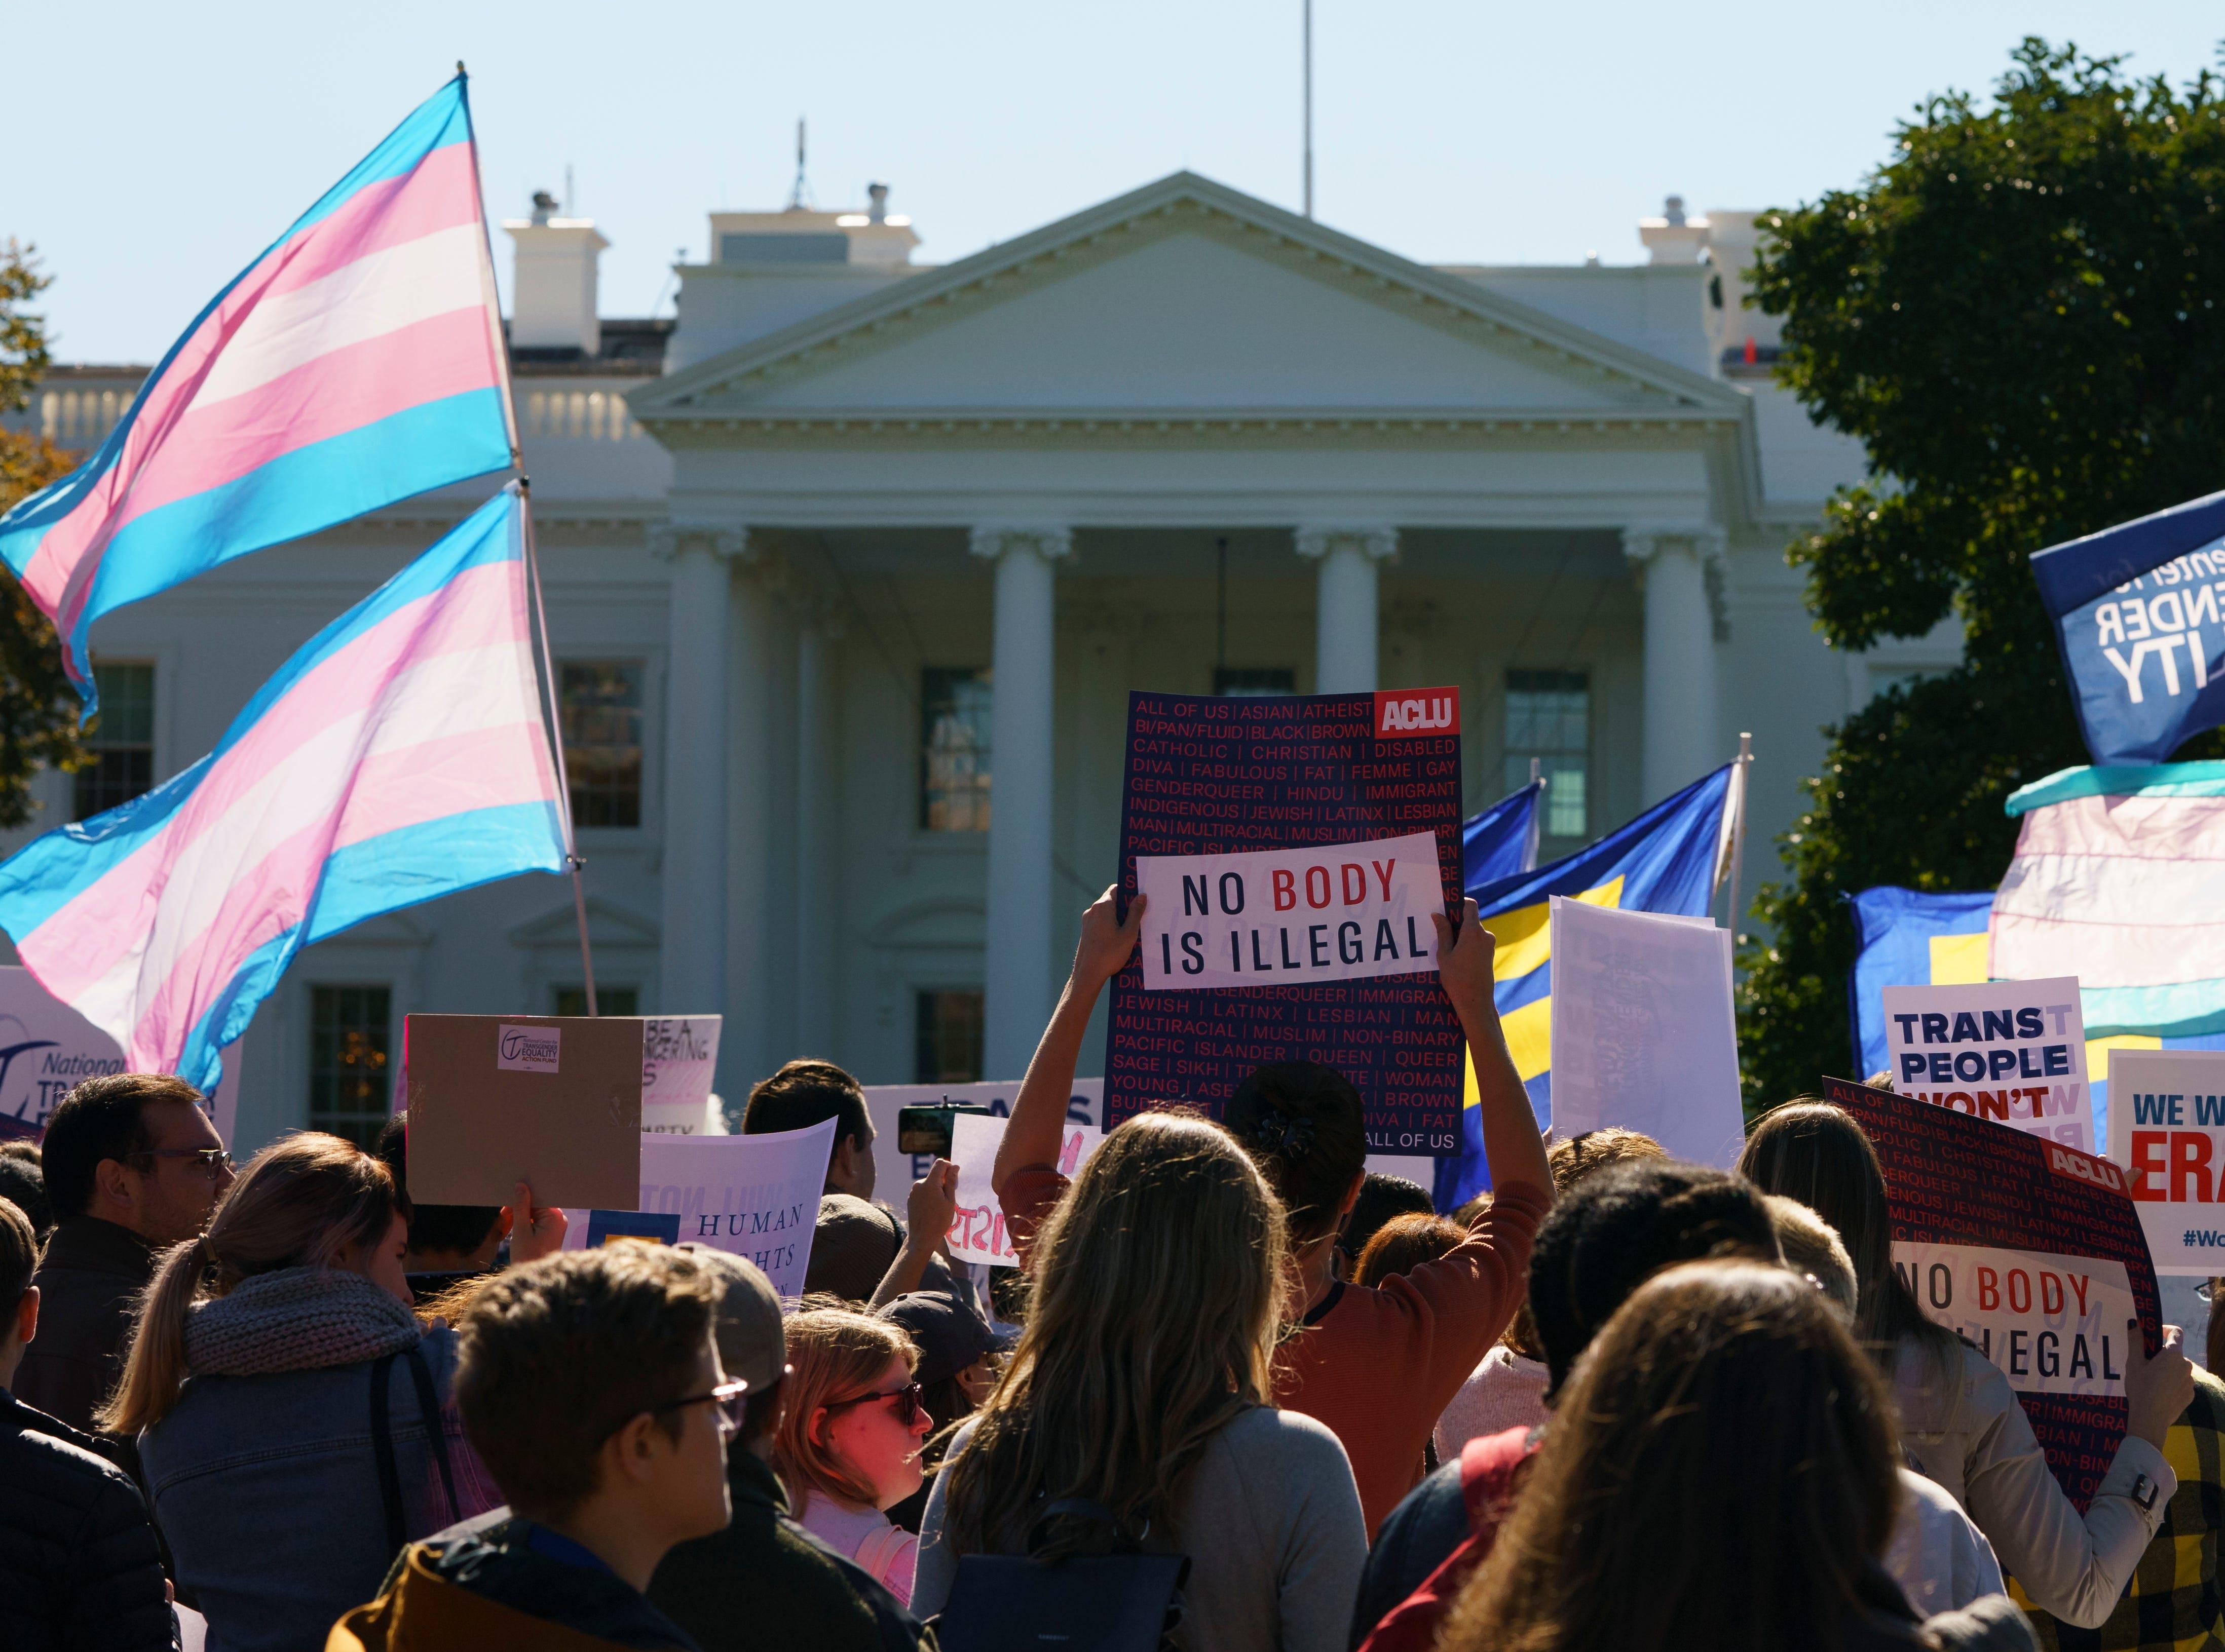 El Centro Nacional para la Igualdad Transgénera (NCTE, por sus siglas en inglés) y la Campaña por los Derechos Humanos se reúnen en la Avenida Pennsylvania en frente de la Casa Blanca en Washington, el lunes 22 de octubre de 2018, para una manifestación #WontBeErased.